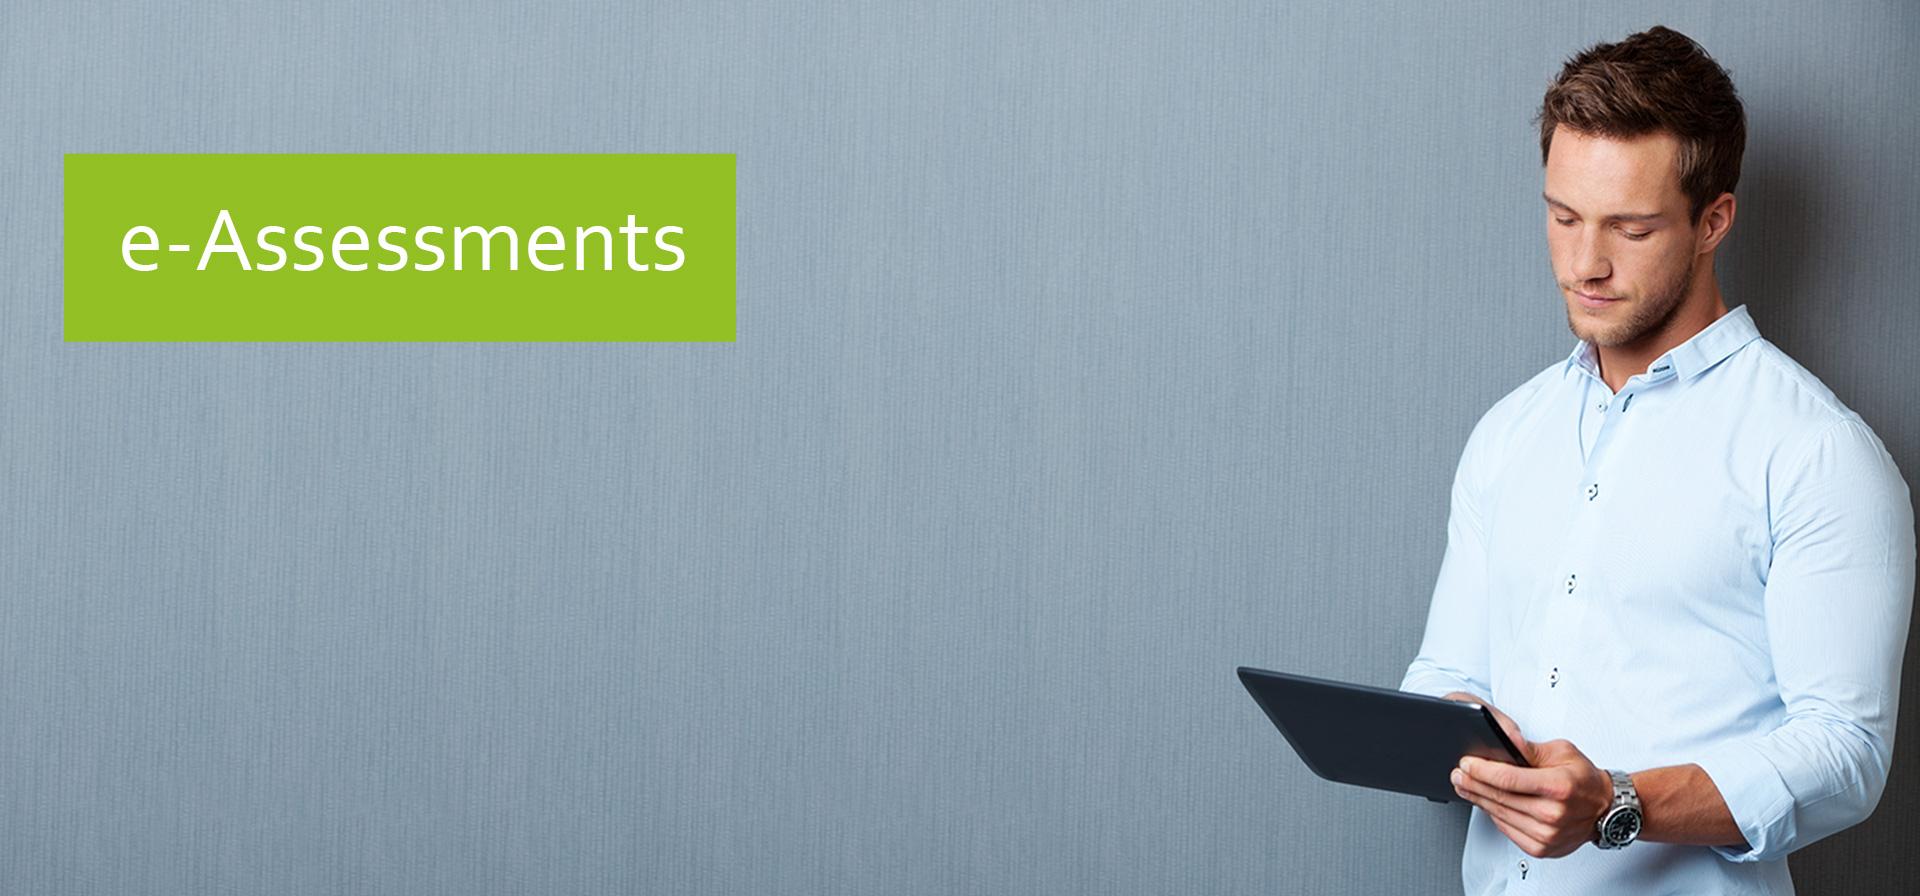 e-Assessments.jpg